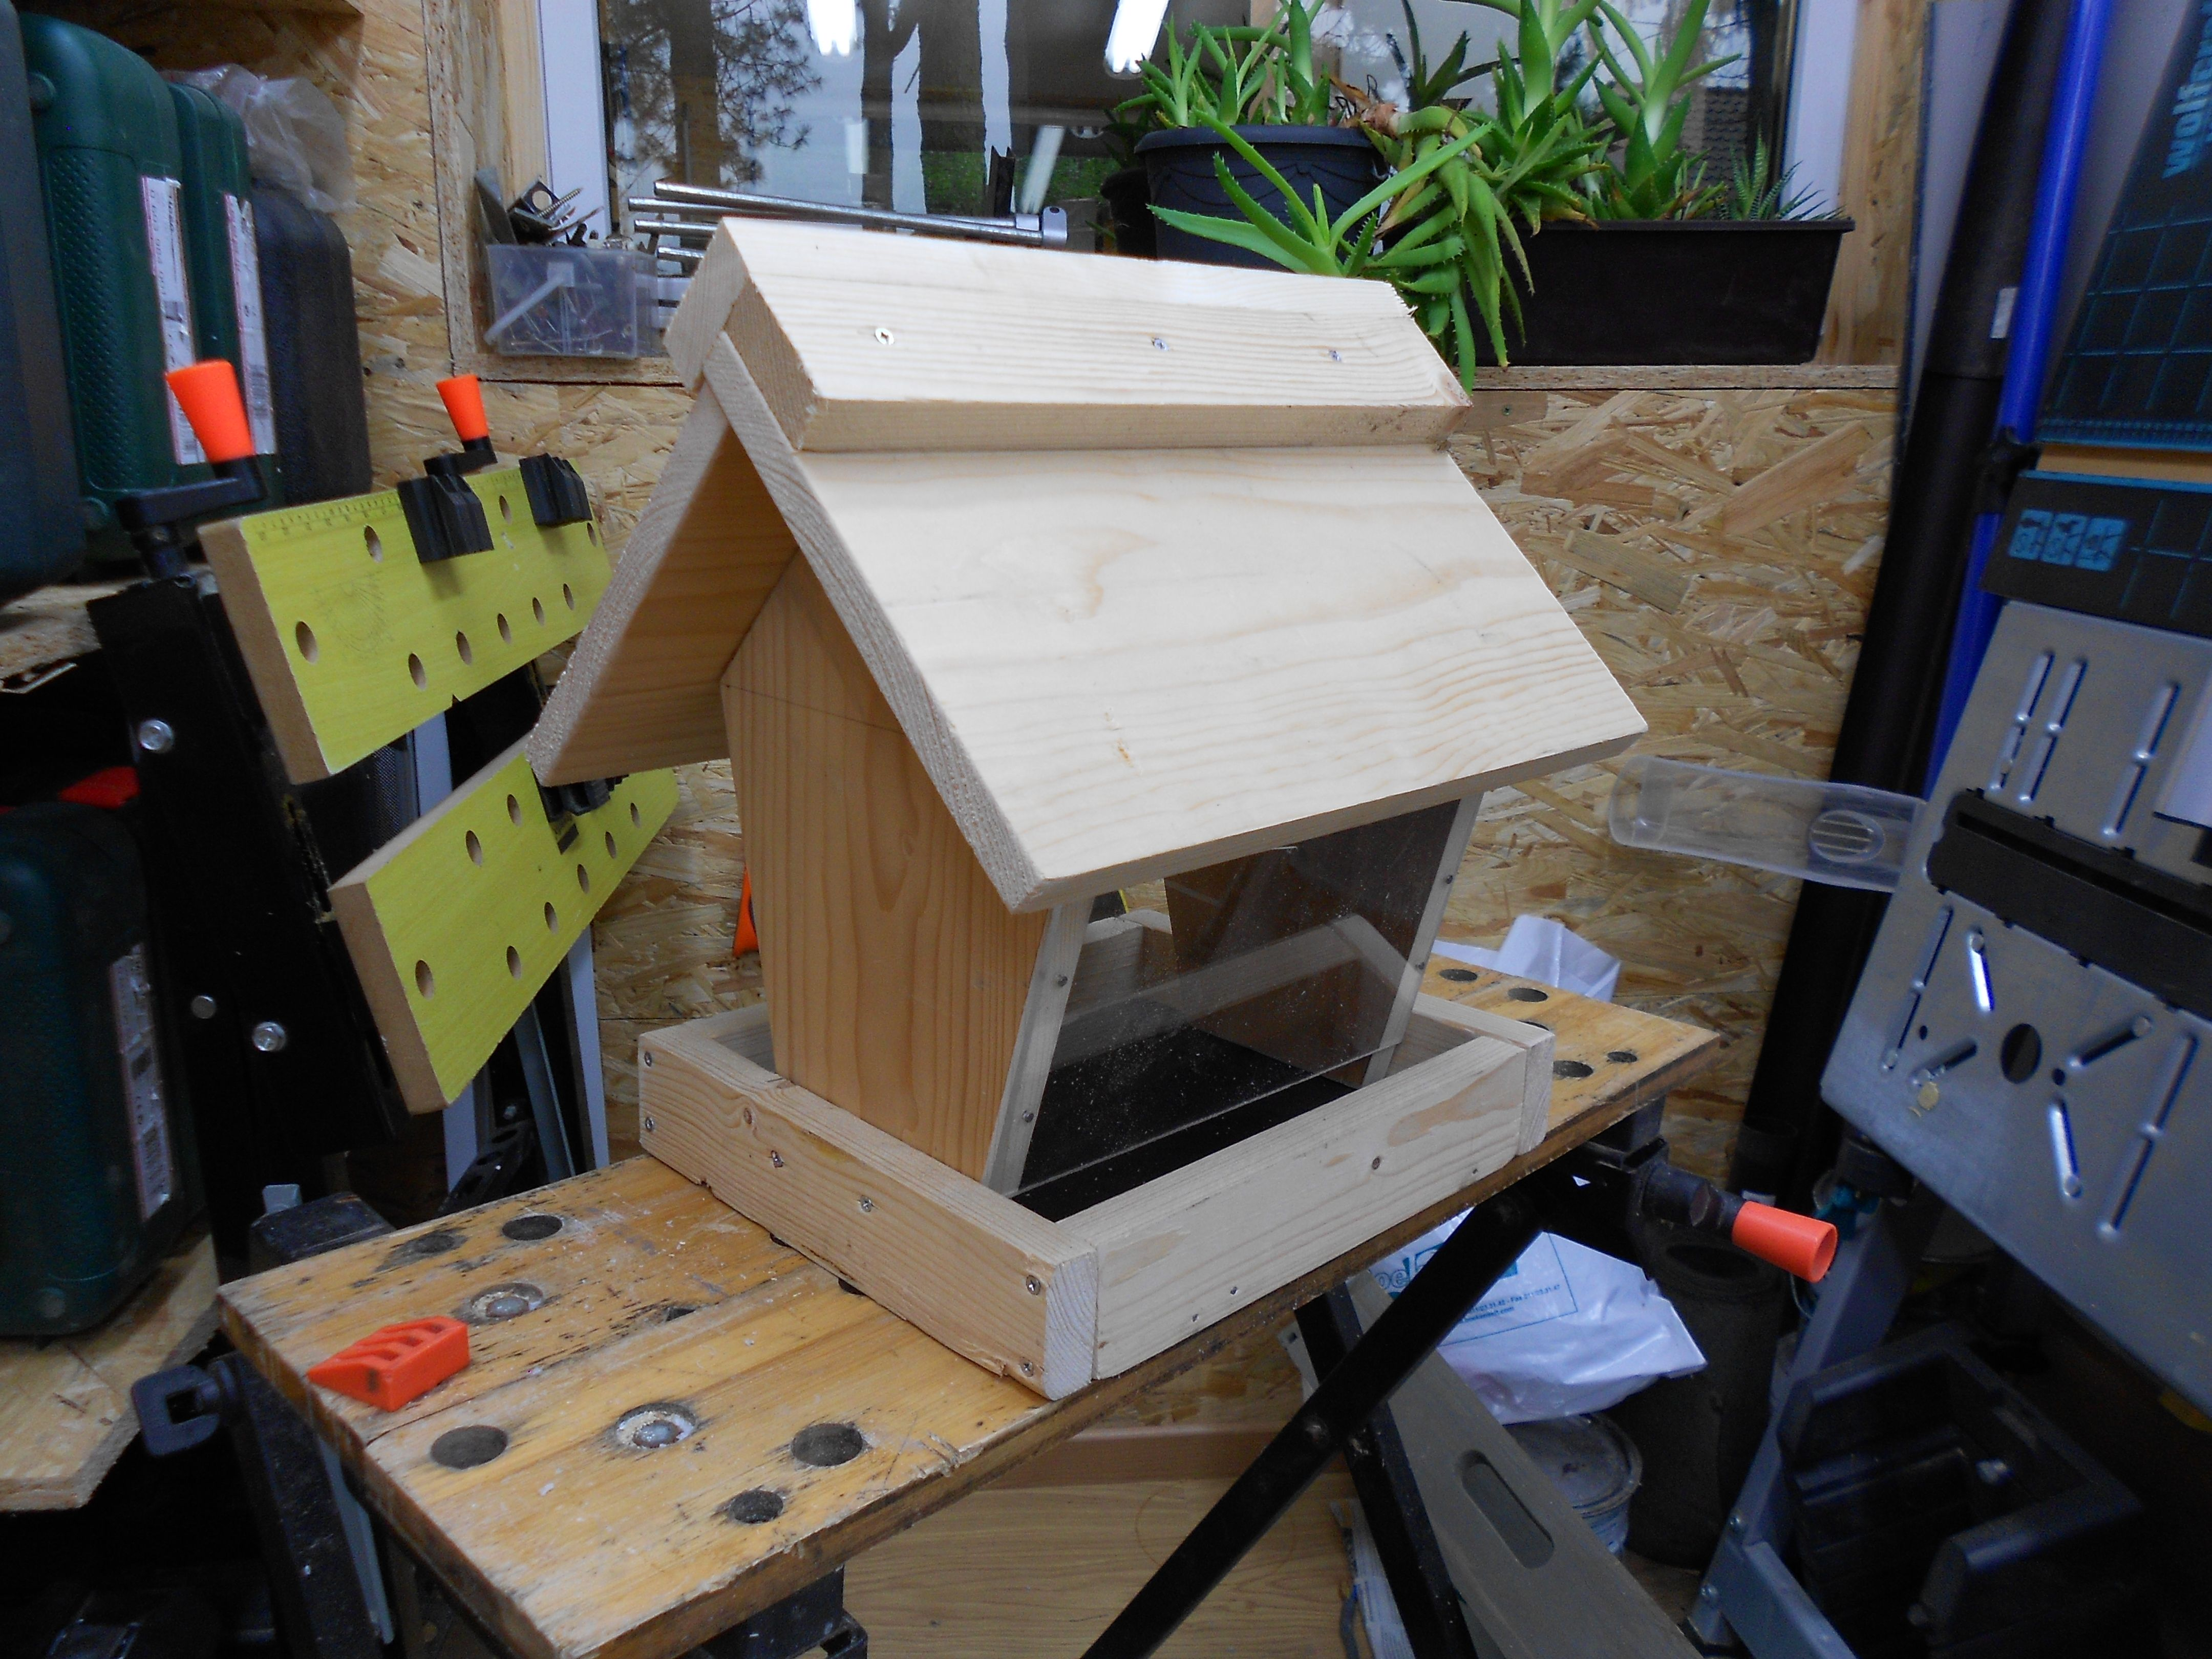 vogelfutterhaus bauanleitung zum selber bauen heimwerker forum vogelh user pinterest. Black Bedroom Furniture Sets. Home Design Ideas